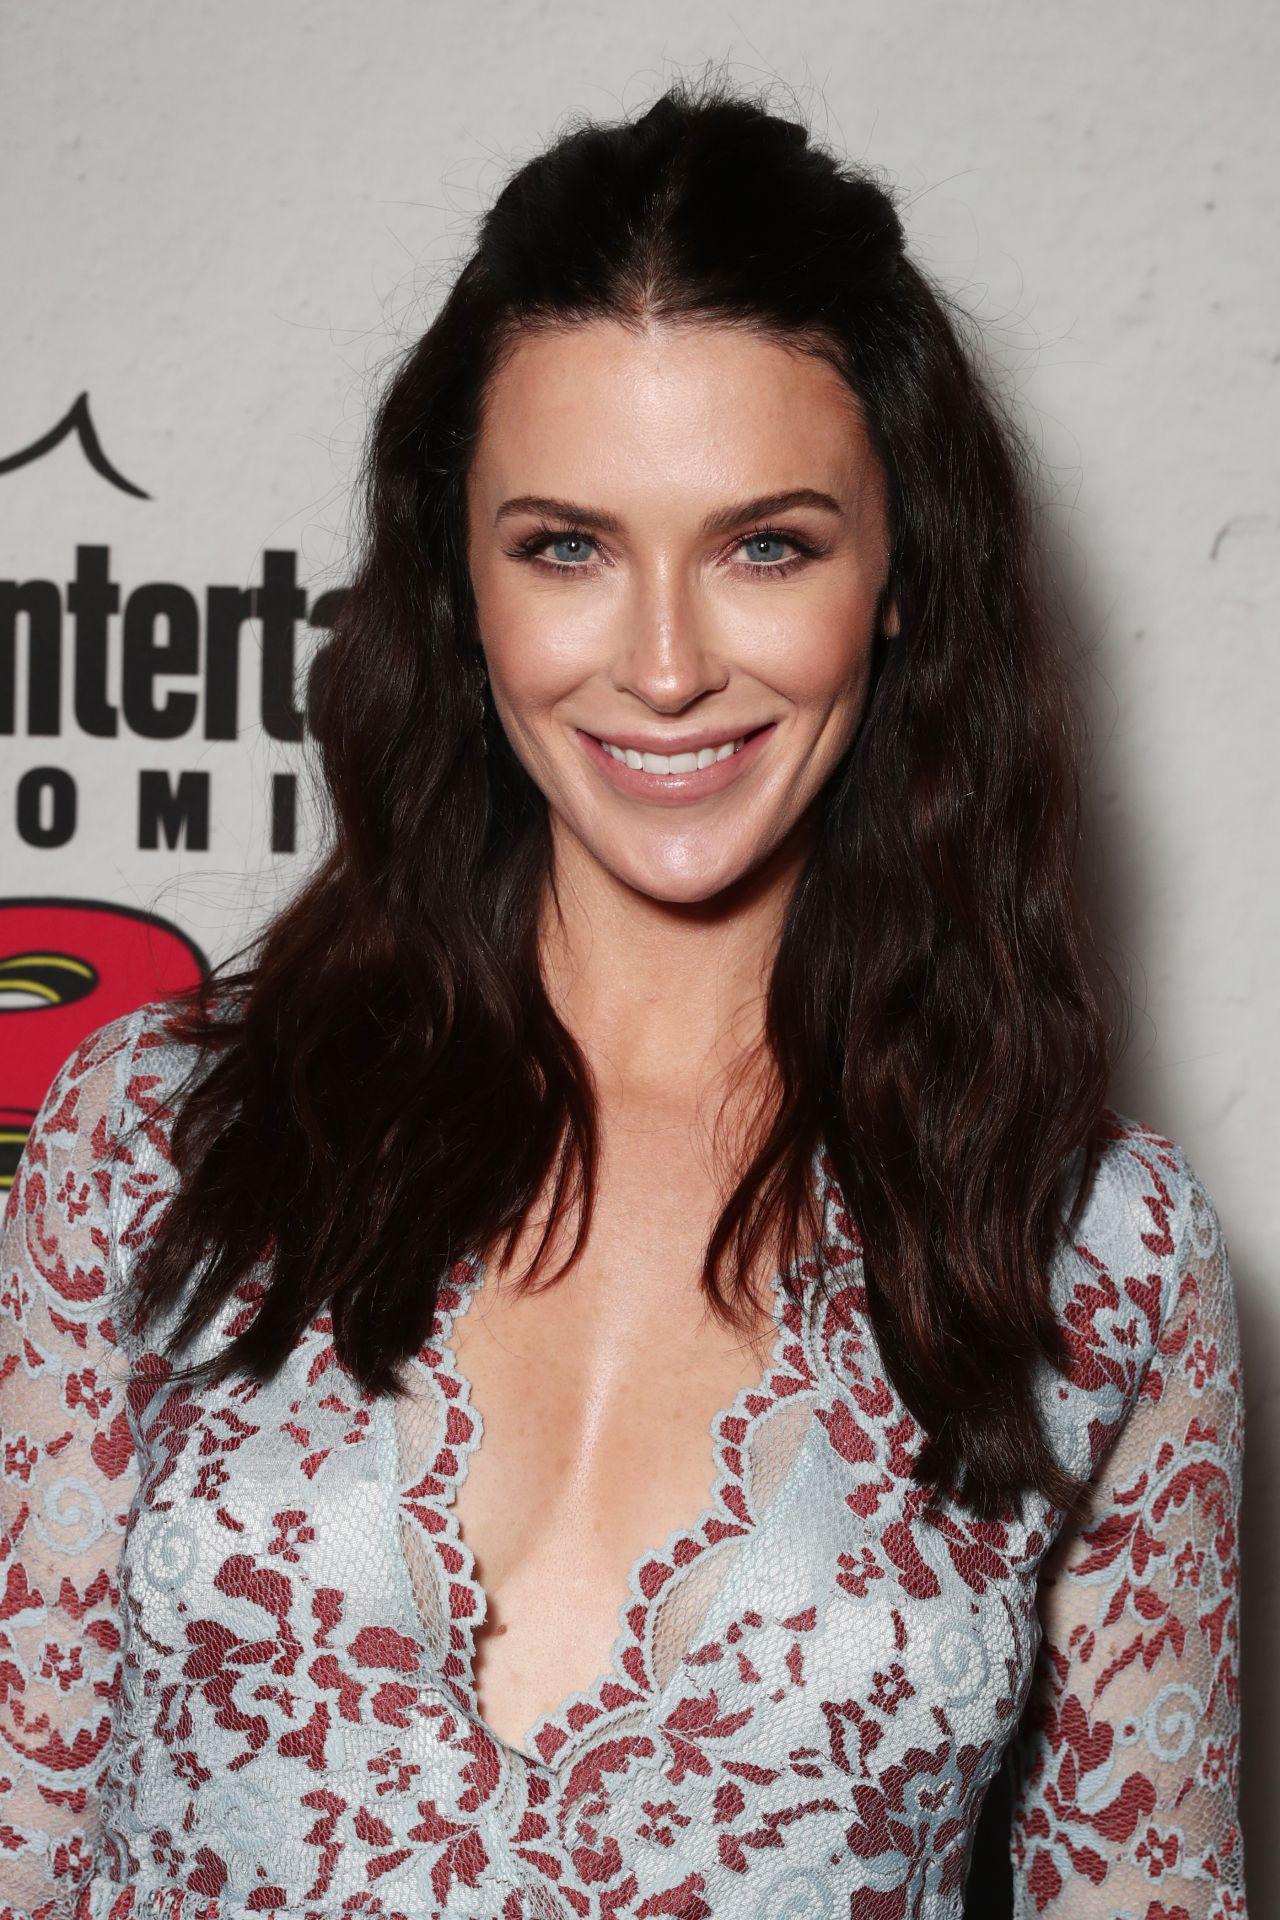 San Diego Ford >> Bridget Regan – EW Party at San Diego Comic-Con International 07/22/2017